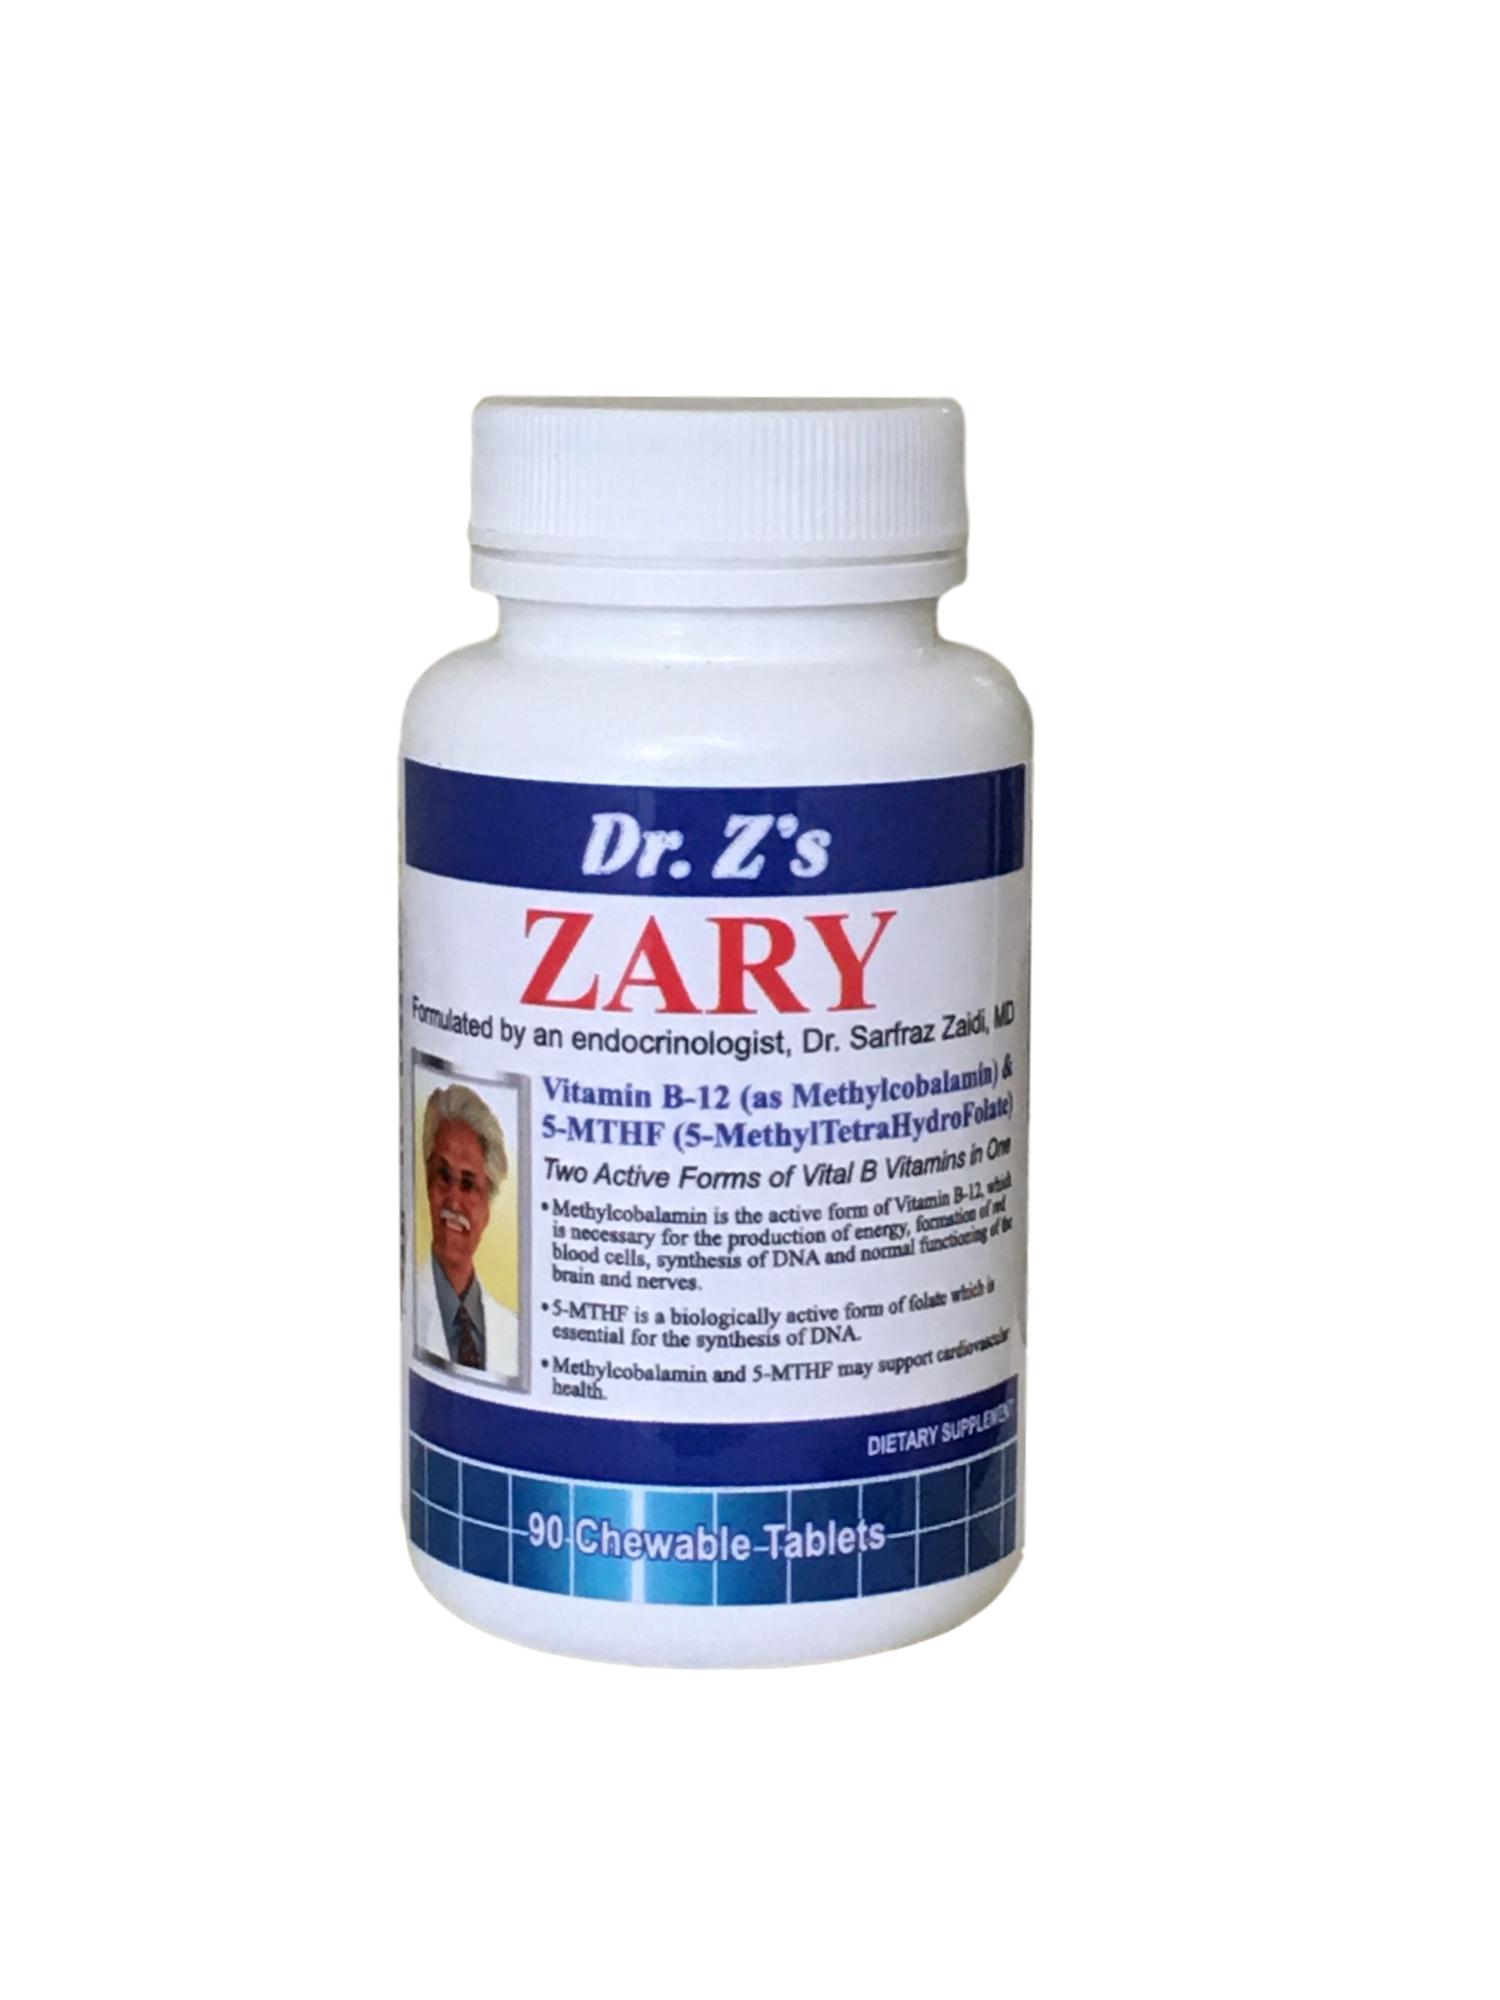 ZARY-by dr. Zaidi